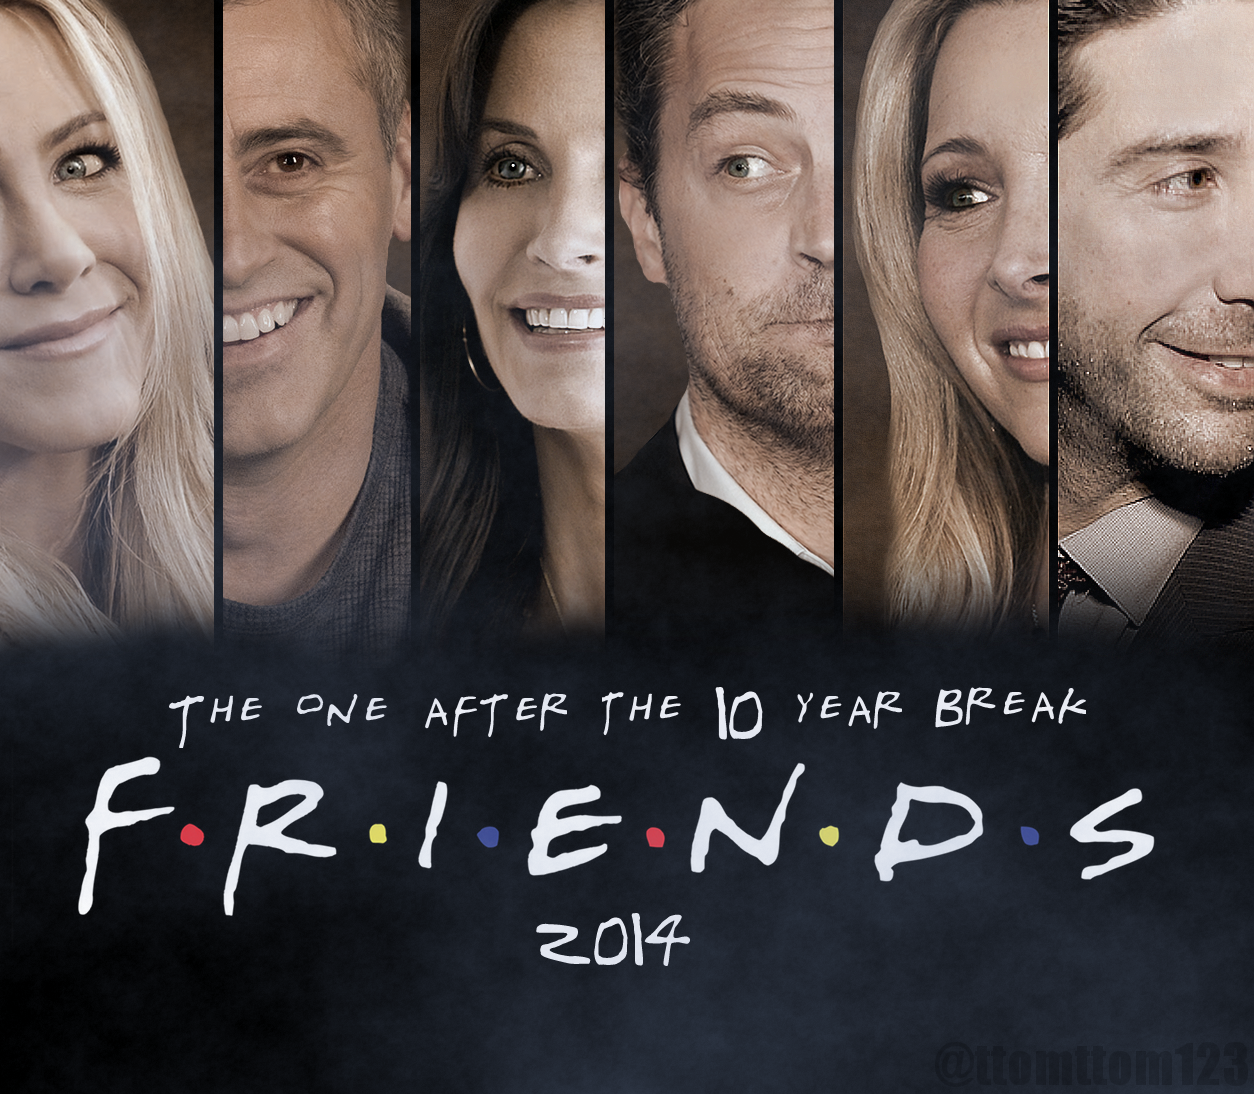 FRIENDS 2014 REUNION POSTER